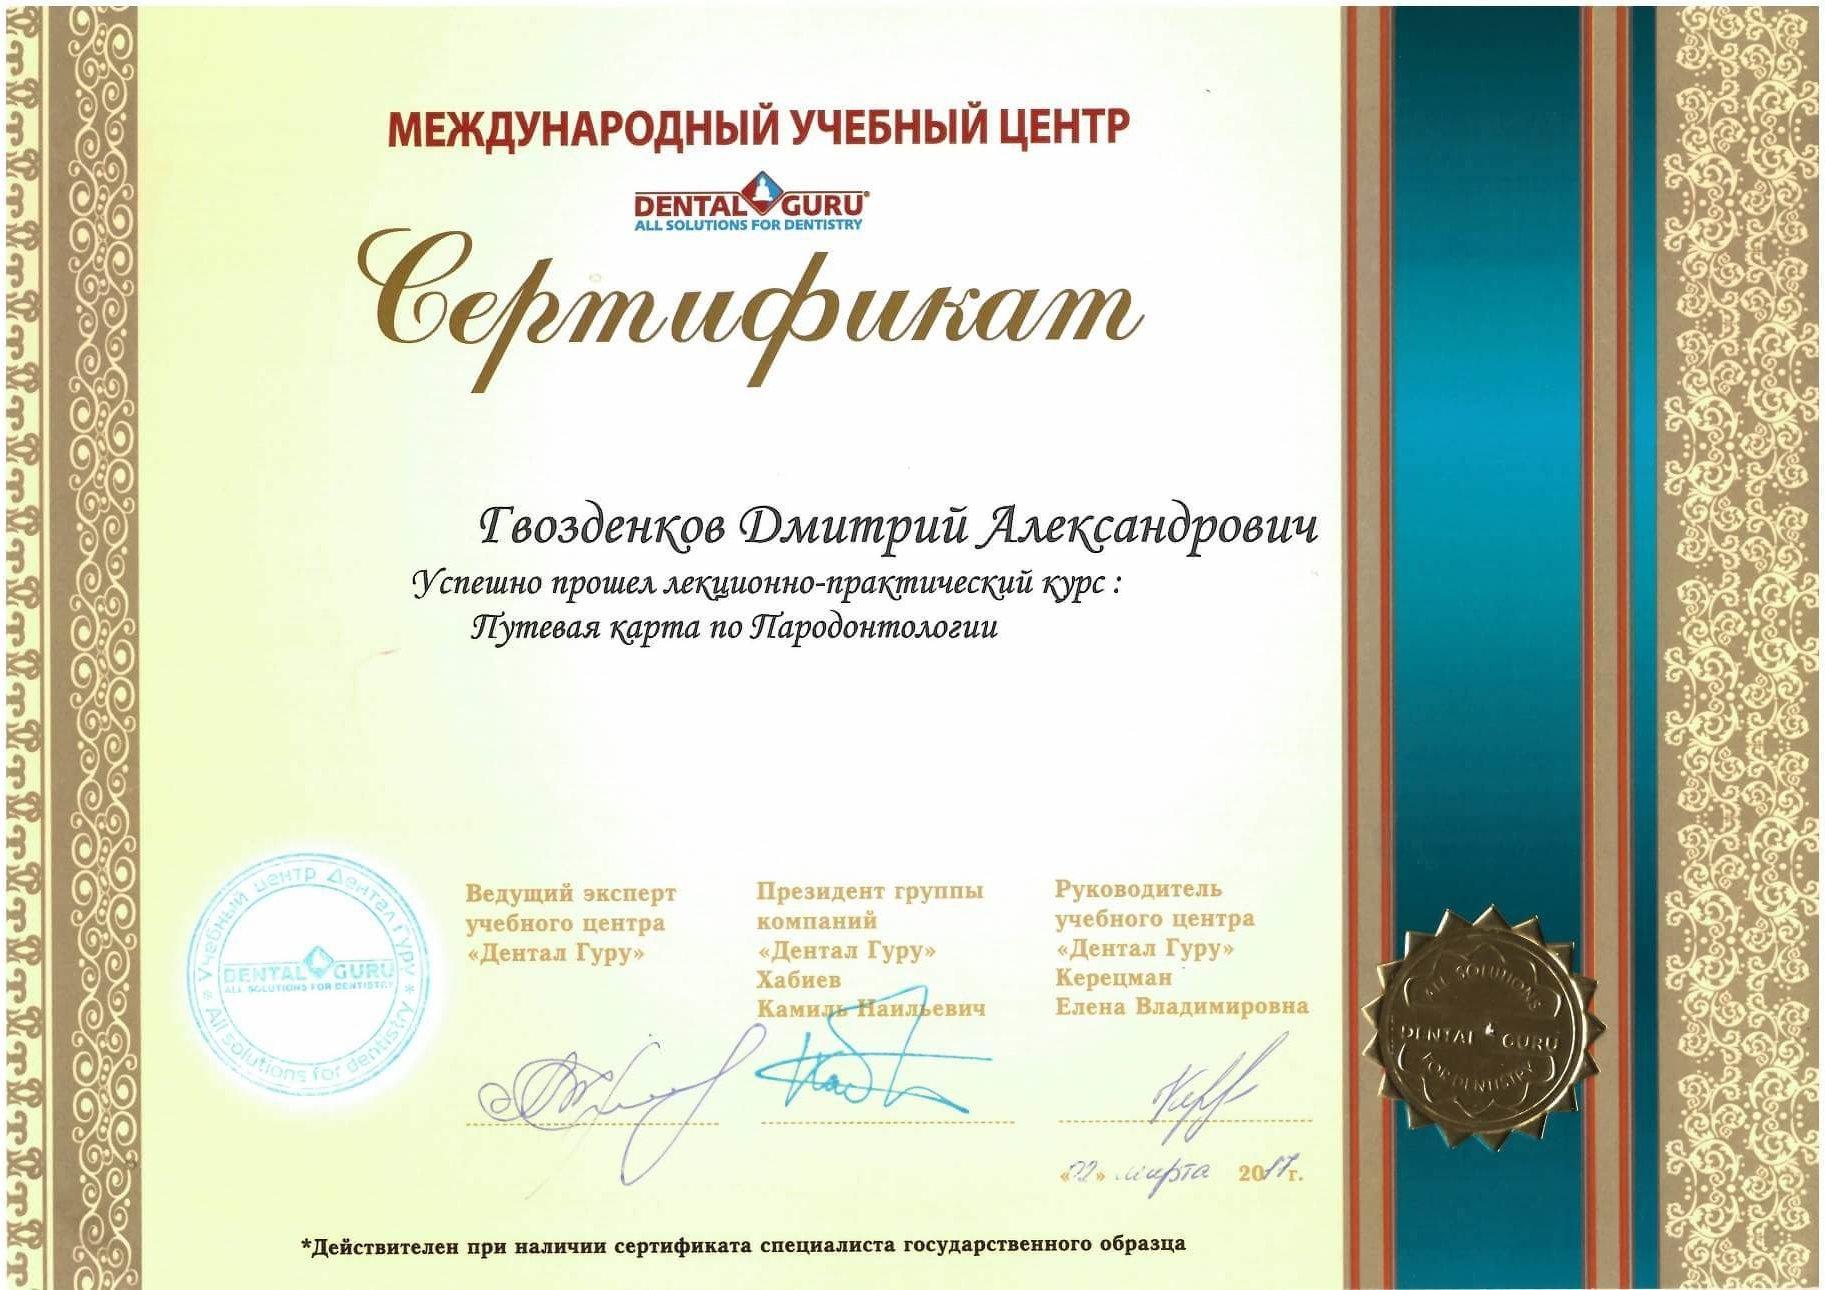 СЕРТИФИКАТ_Путевая карта по пародонтологии